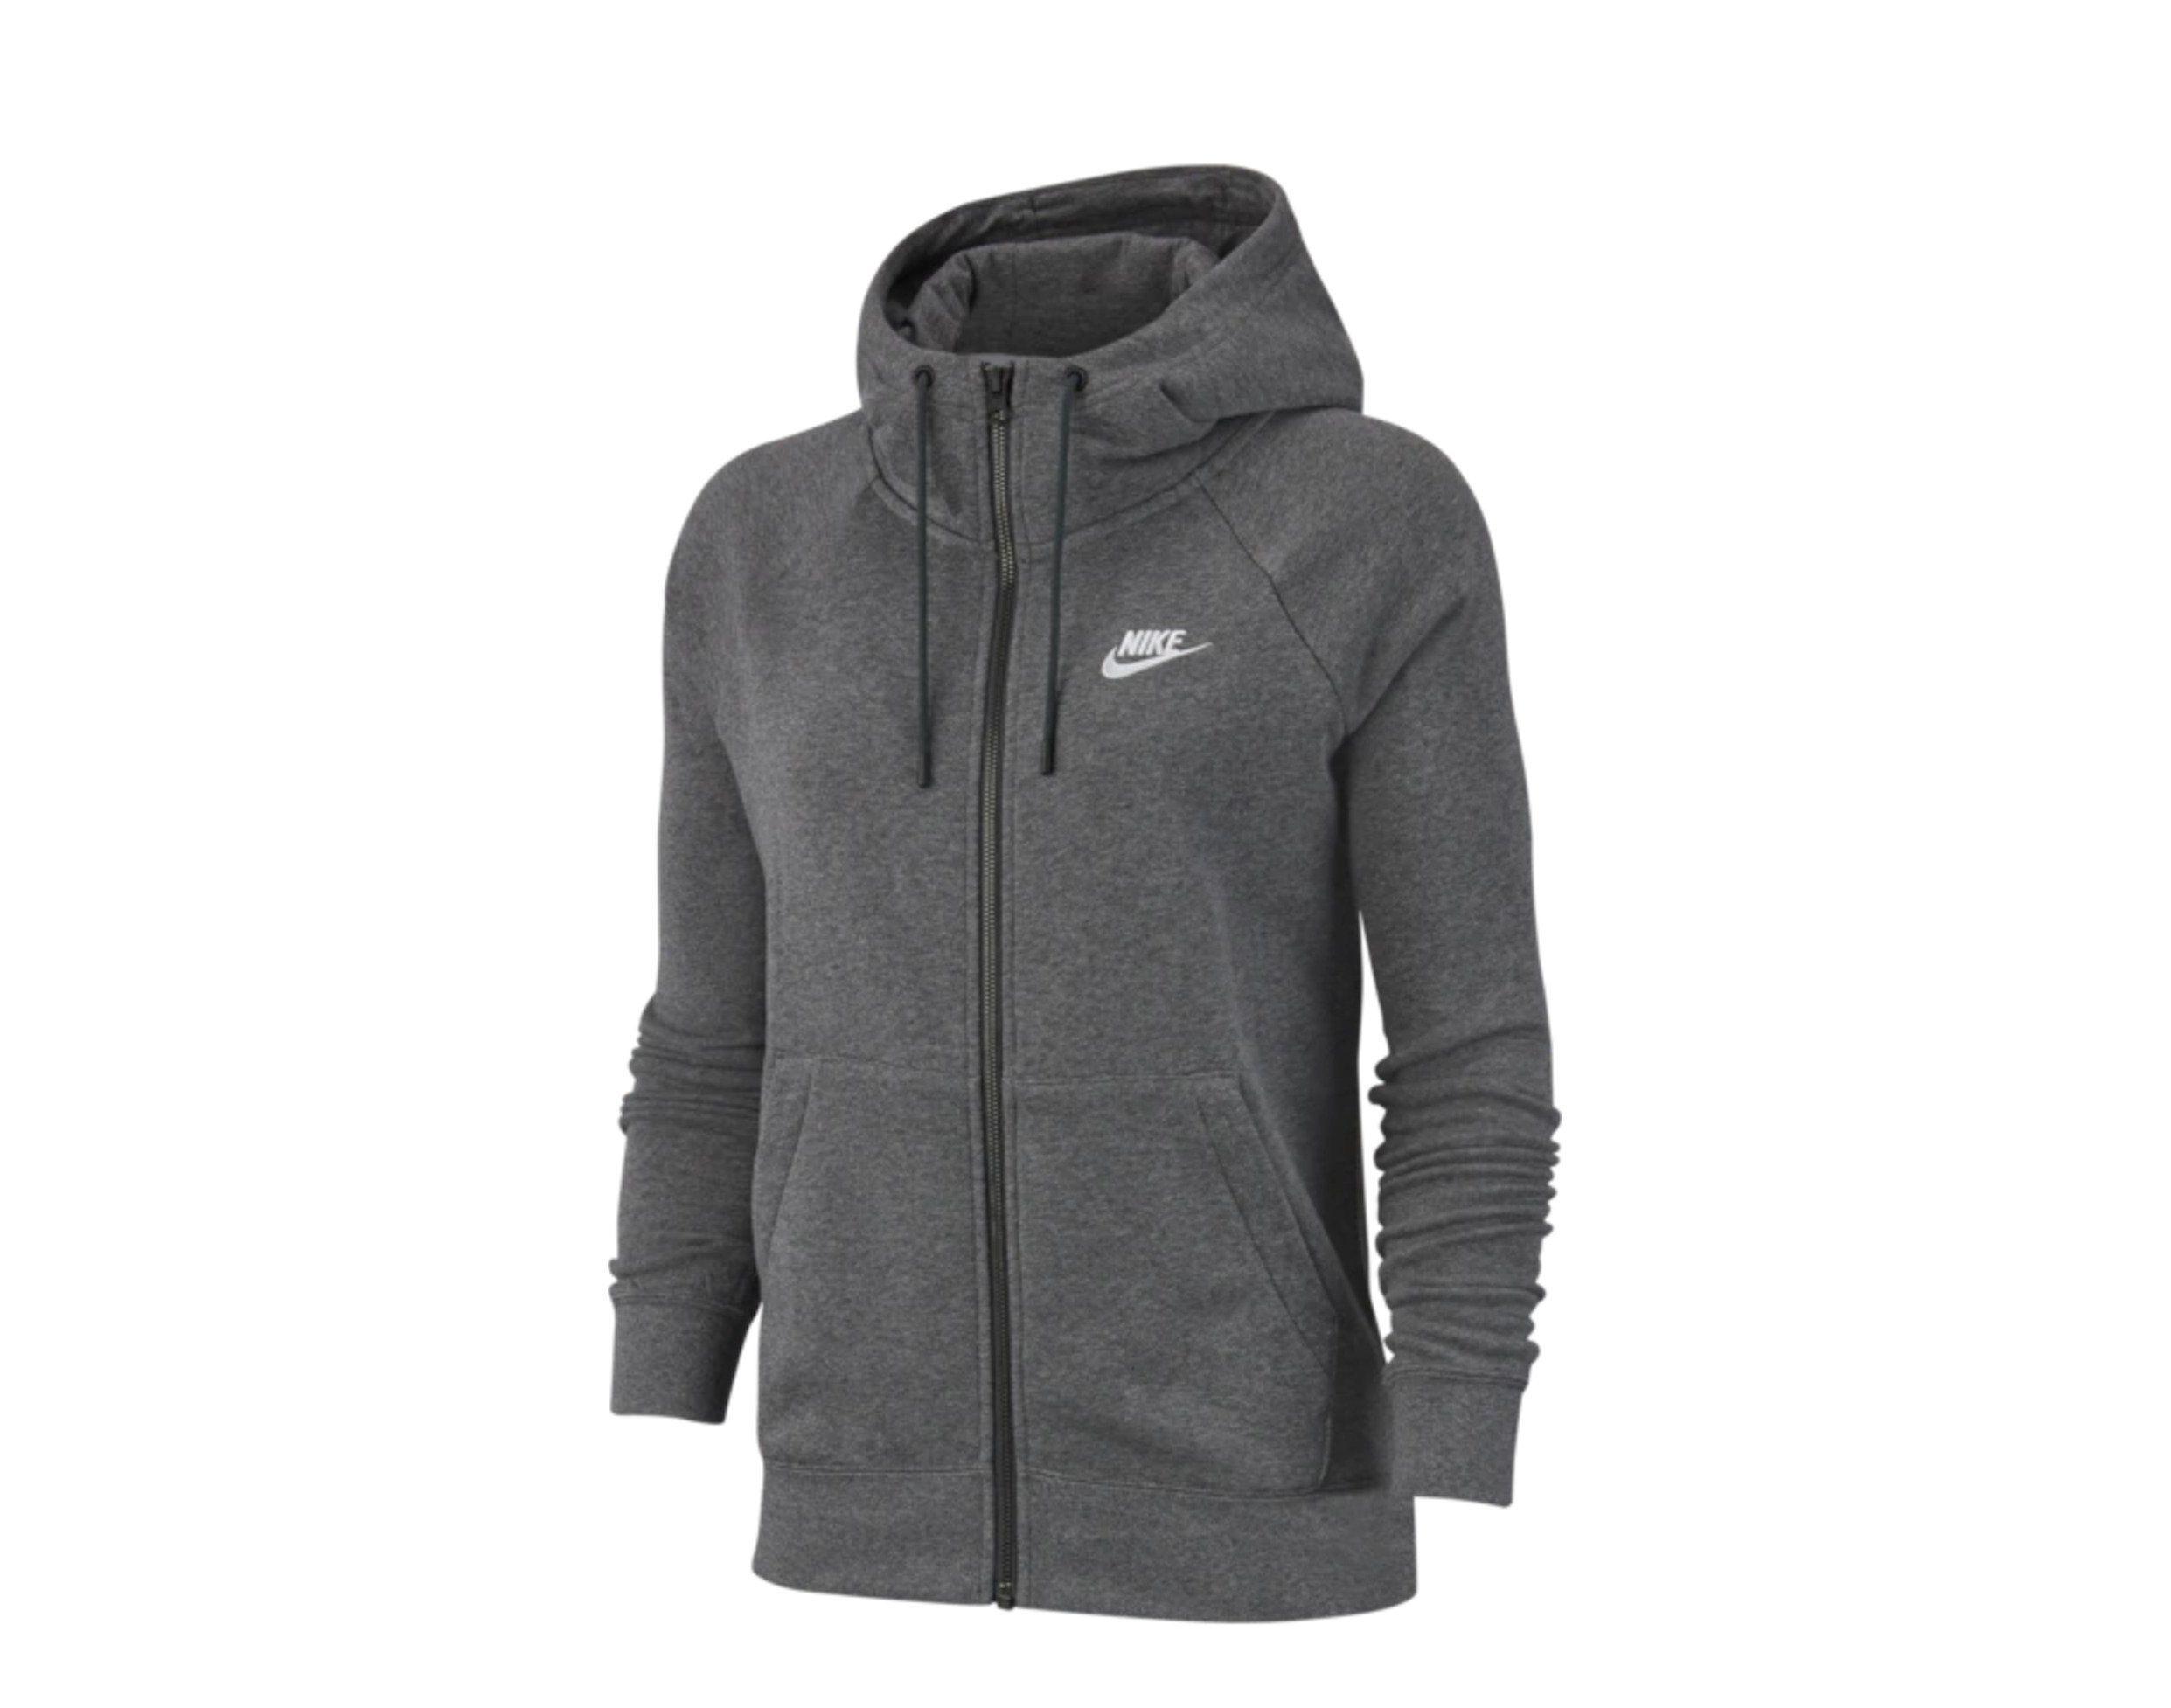 Details about Nike Sportswear Essential Full-Zip Fleece Grey ...